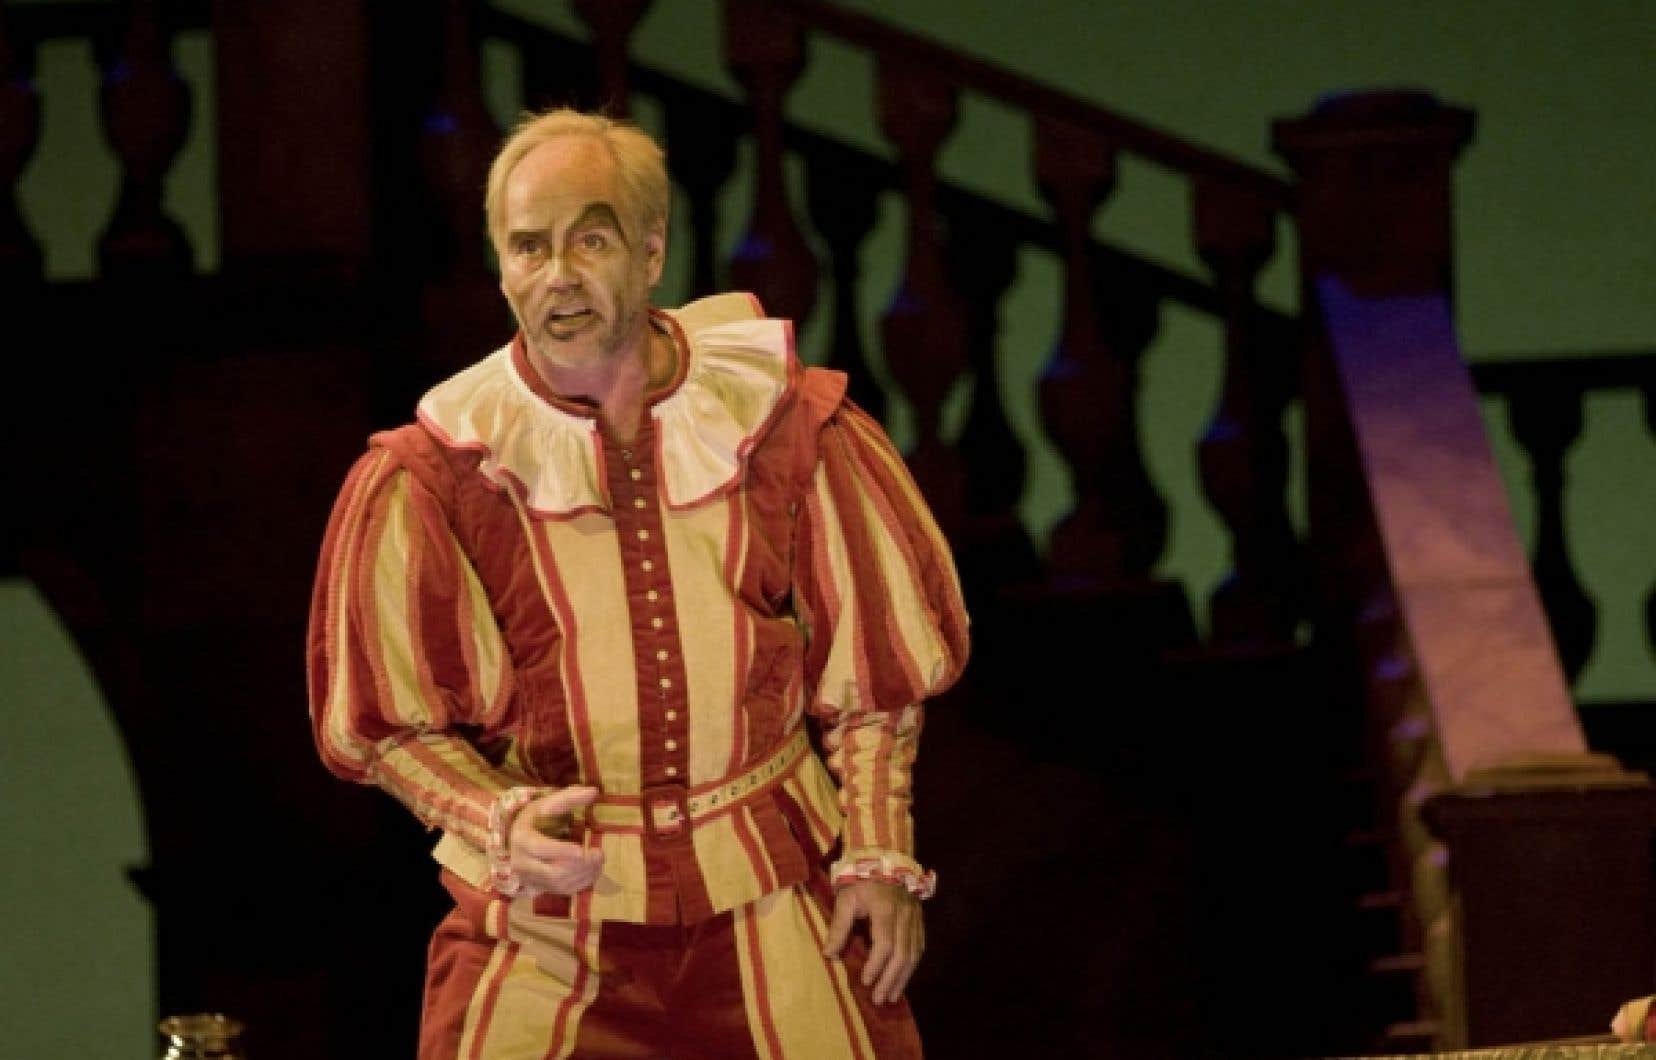 Anthony Michaels-Moore dans le r&ocirc;le-titre de l&rsquo;op&eacute;ra Rigoletto, de Verdi, pr&eacute;sent&eacute; &agrave; l&rsquo;Op&eacute;ra de Montr&eacute;al<br />